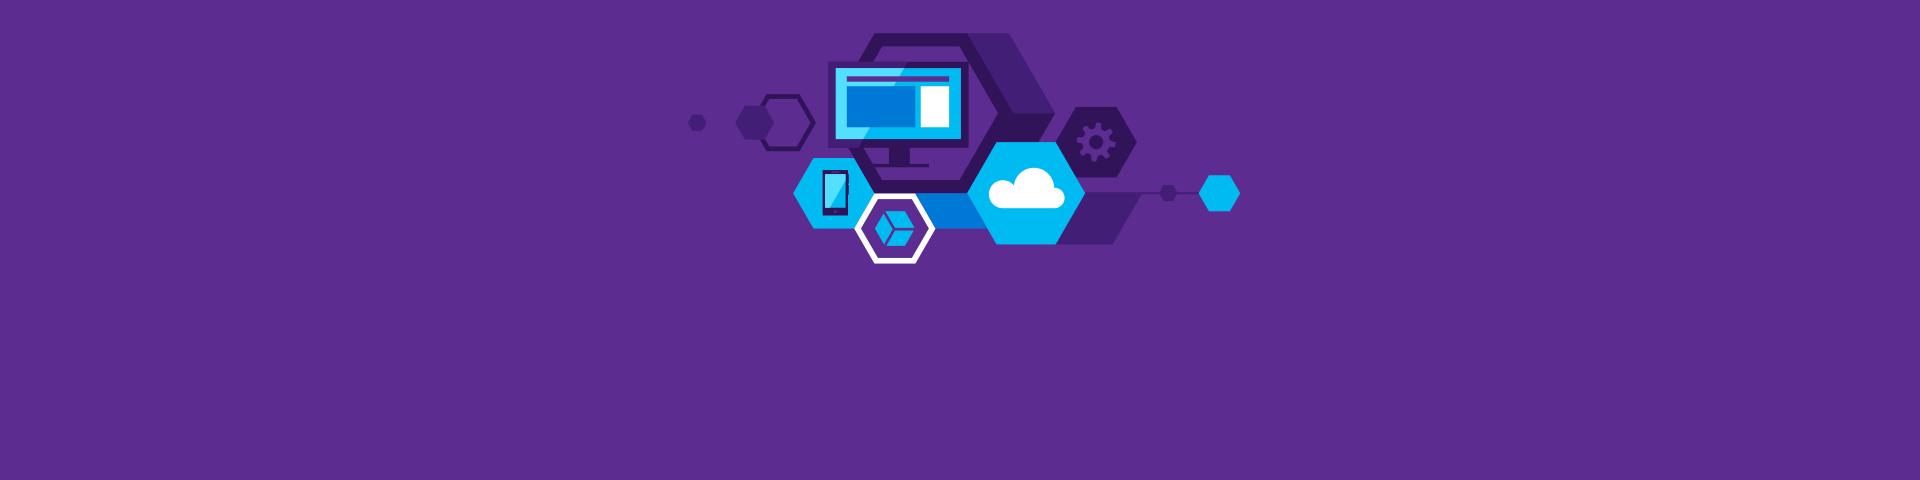 Computador, smartphone, nuvem e outros ícones de tecnologia